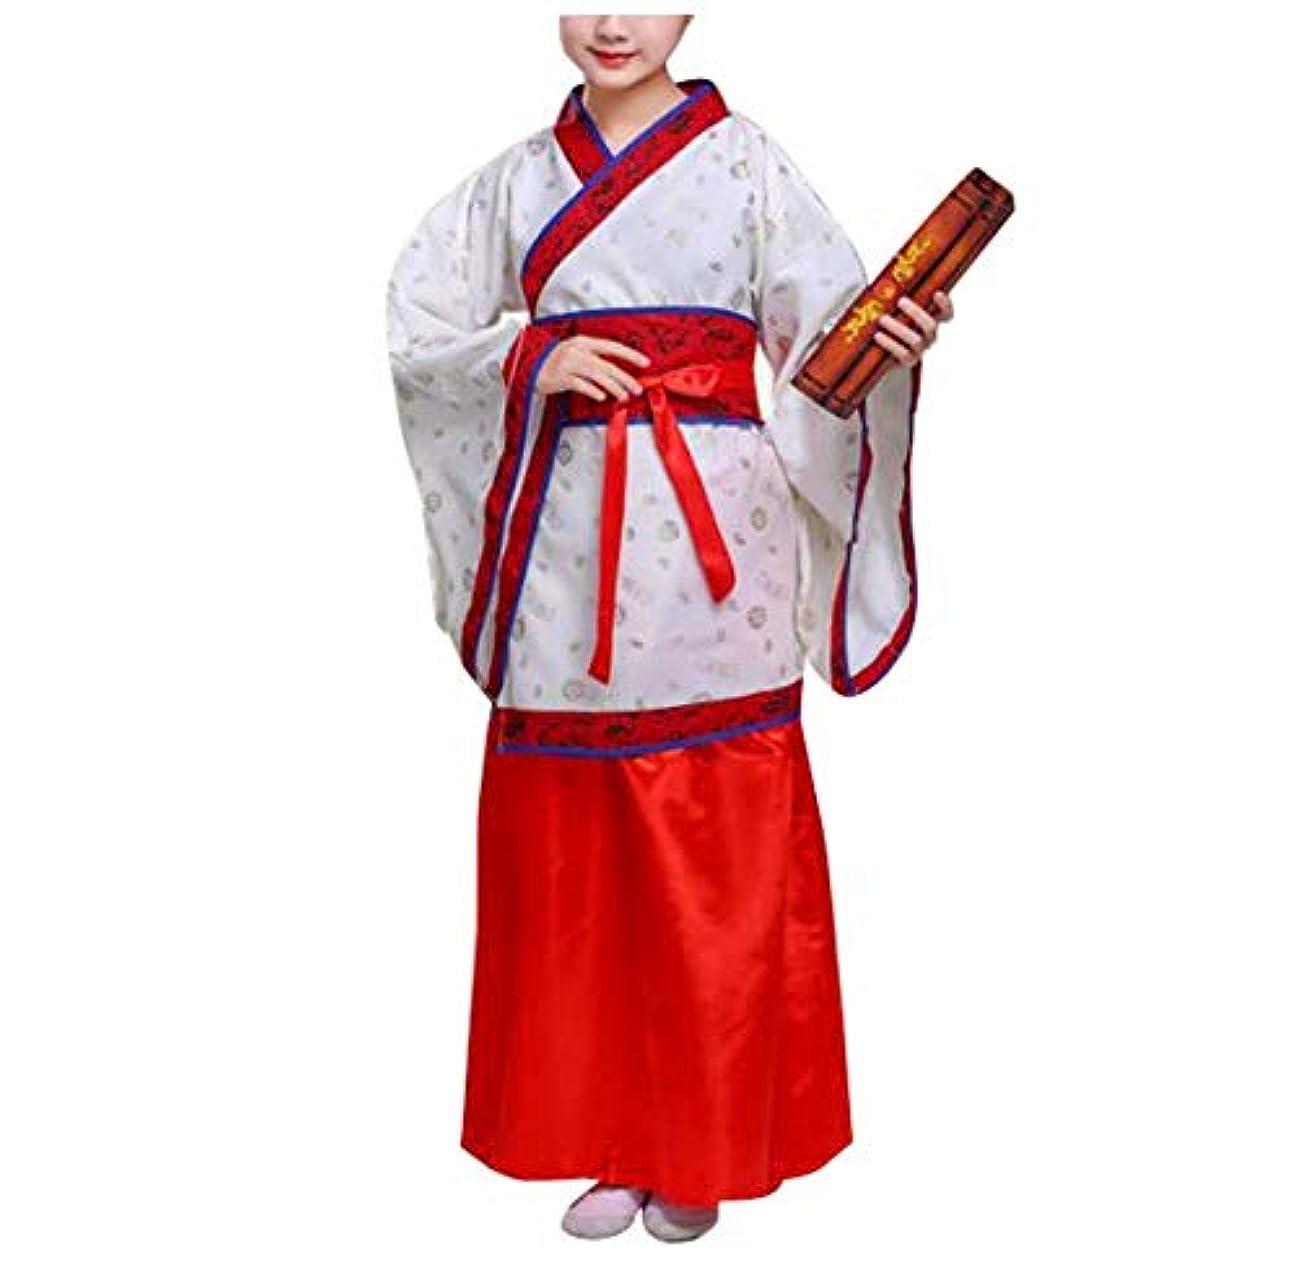 郡スラム街懐疑的子供衣装Hanfuスカート、フェアリードレス、ダンス衣装、写真の小道具、B03